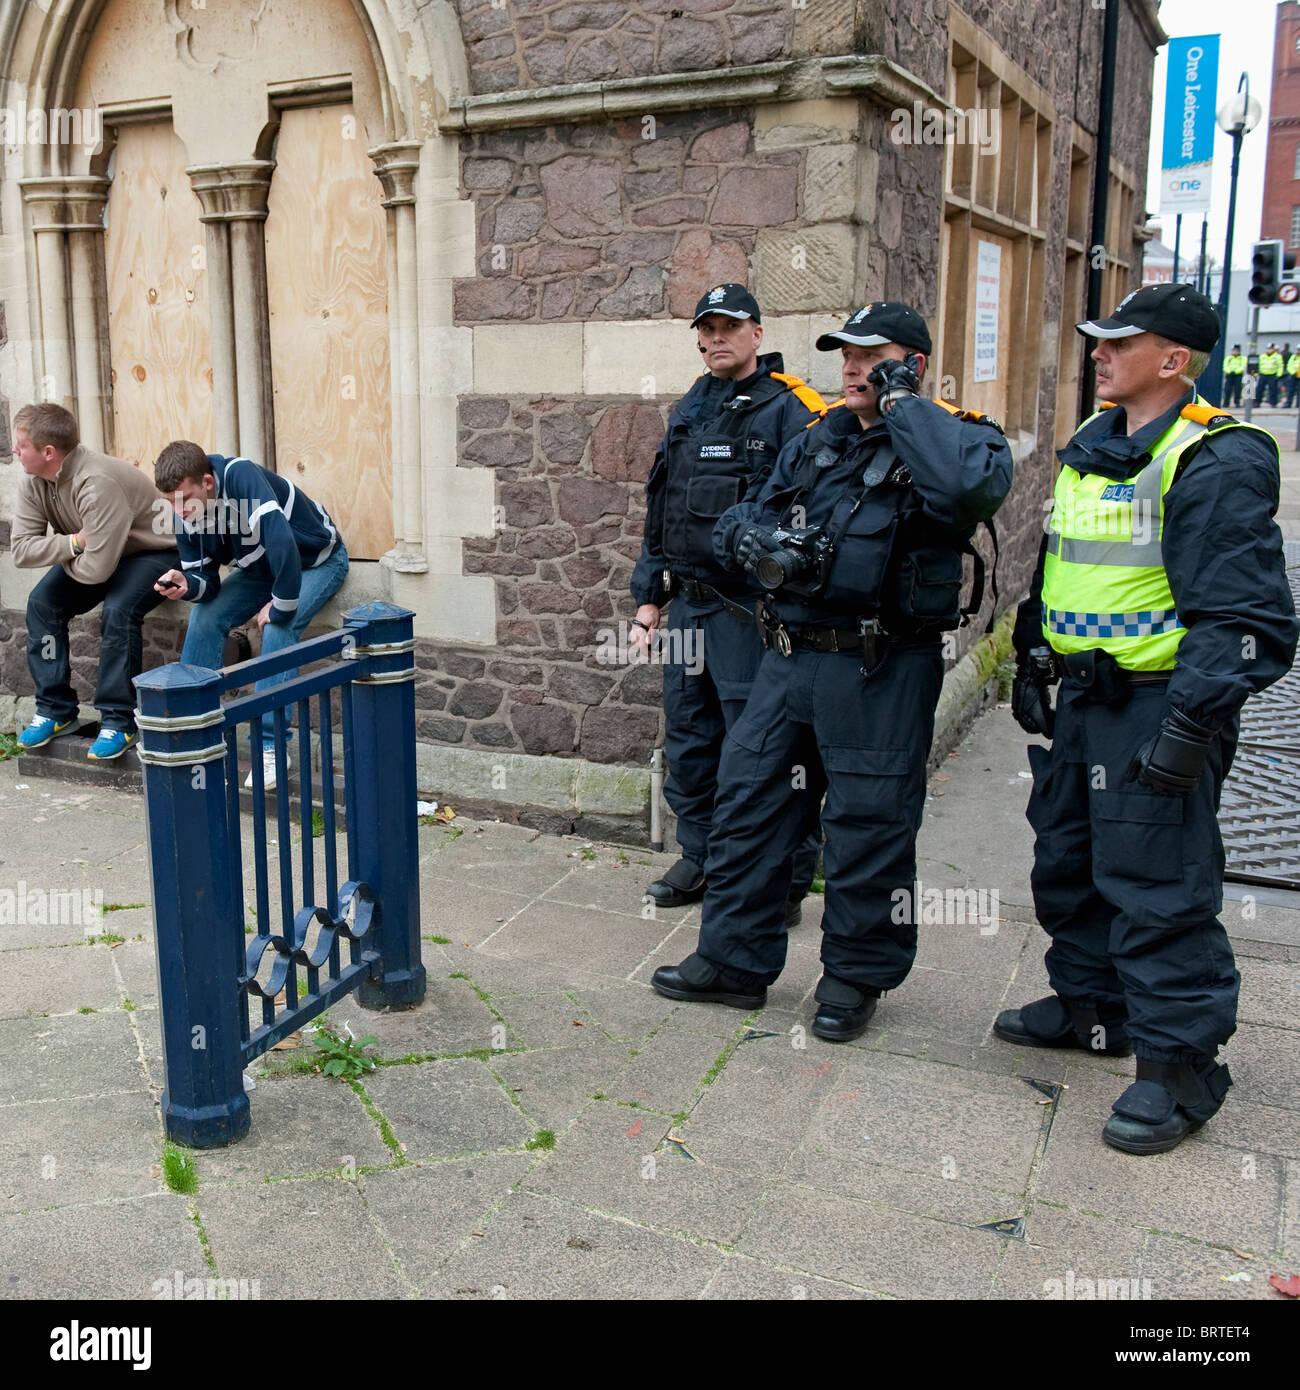 L'unité de surveillance de la police de recueillir des renseignements comme la Ligue de défense anglaise Photo Stock